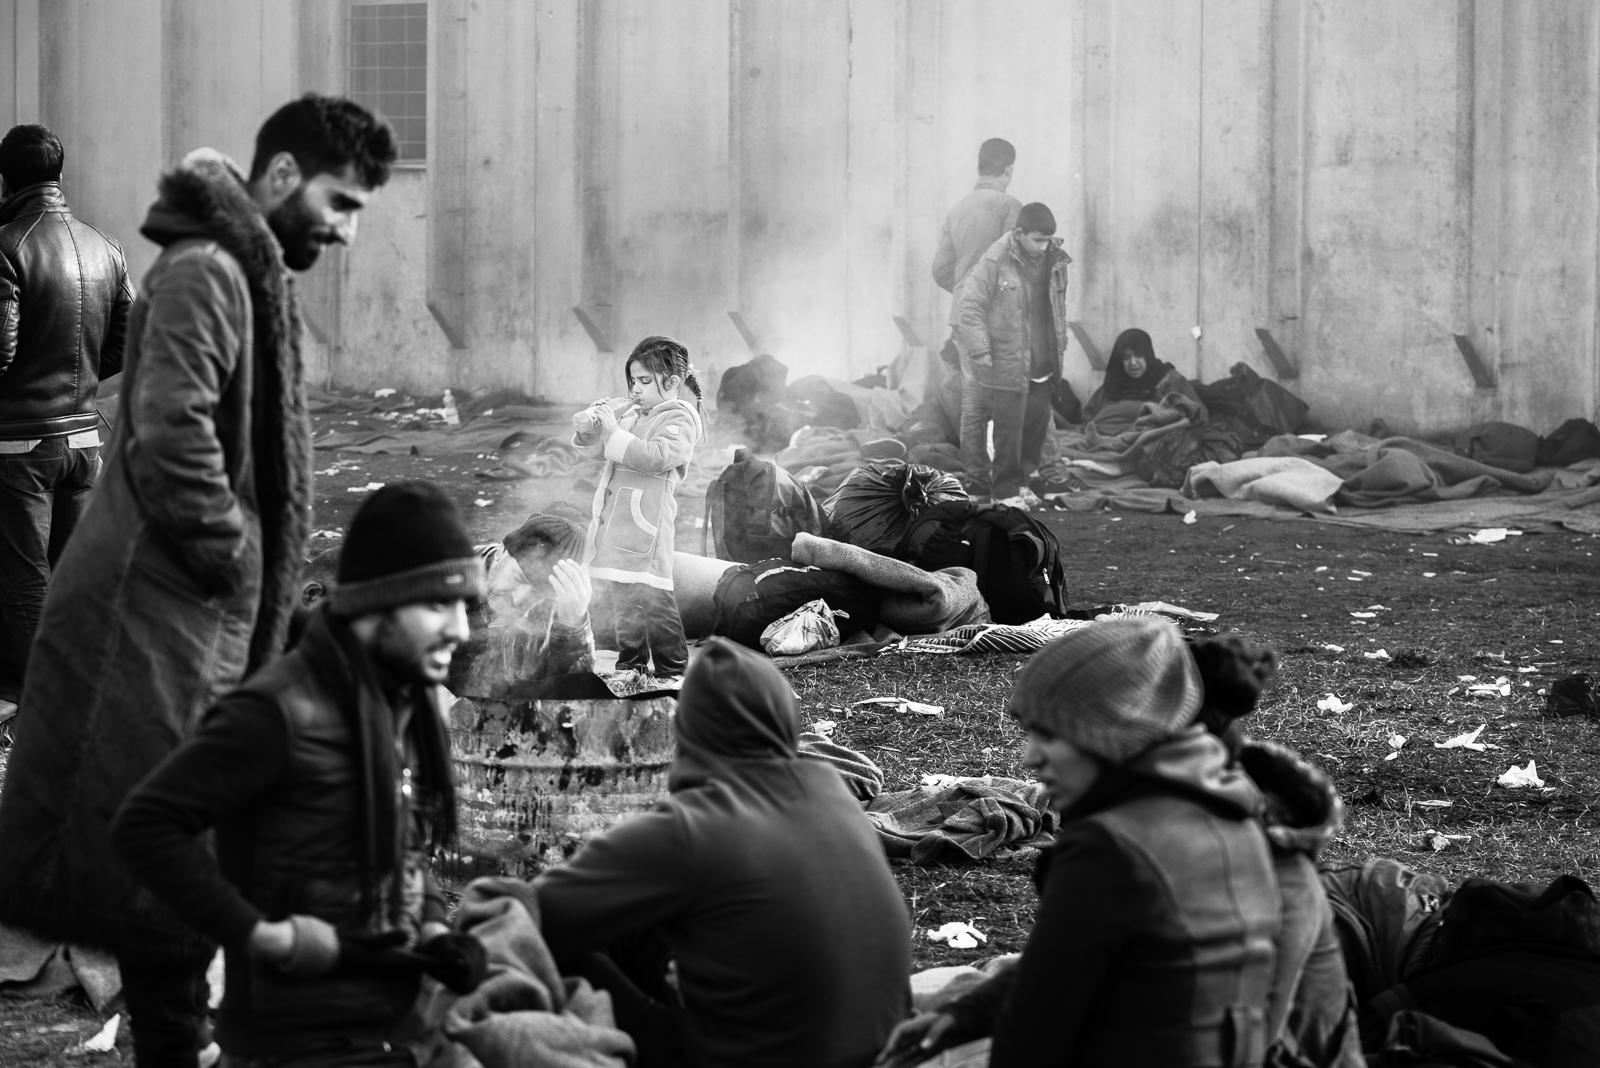 Degradation inside a camp